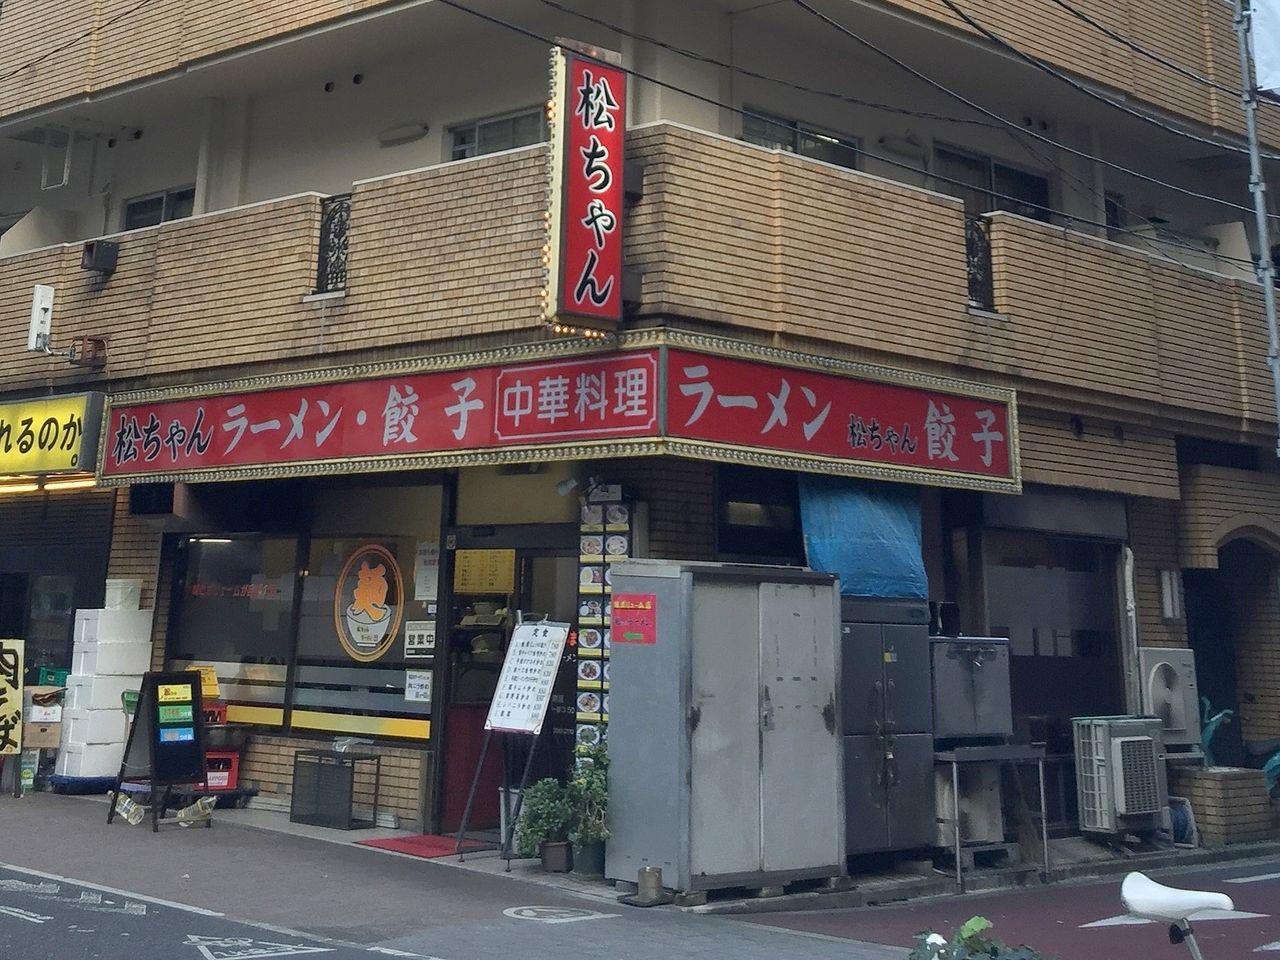 美味しい中華定食のお店です。回鍋麺がおすすめ